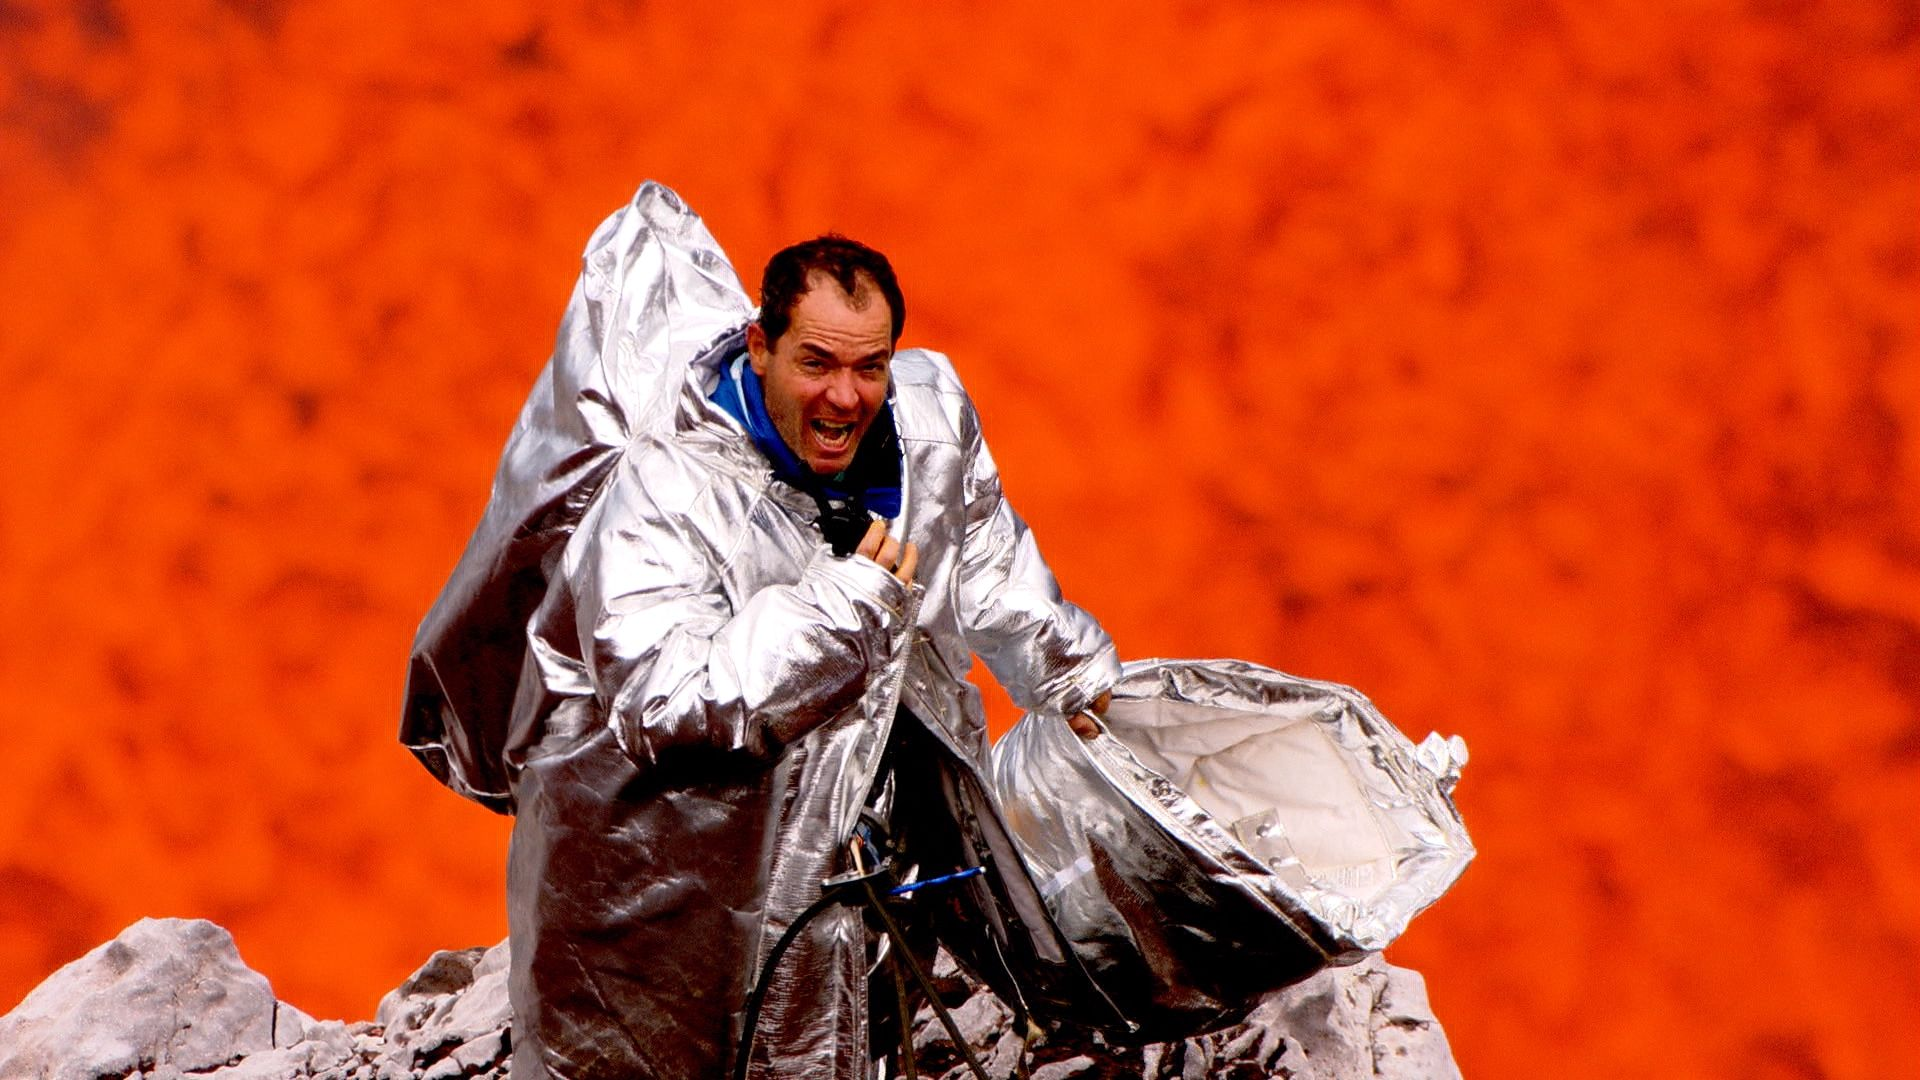 LAVA: Clayton Conservani explora o Ambrym, o vulcão mais explosivo do mundo, no primeiro 'Planeta Extremo', que estreia dia 25 na Globo